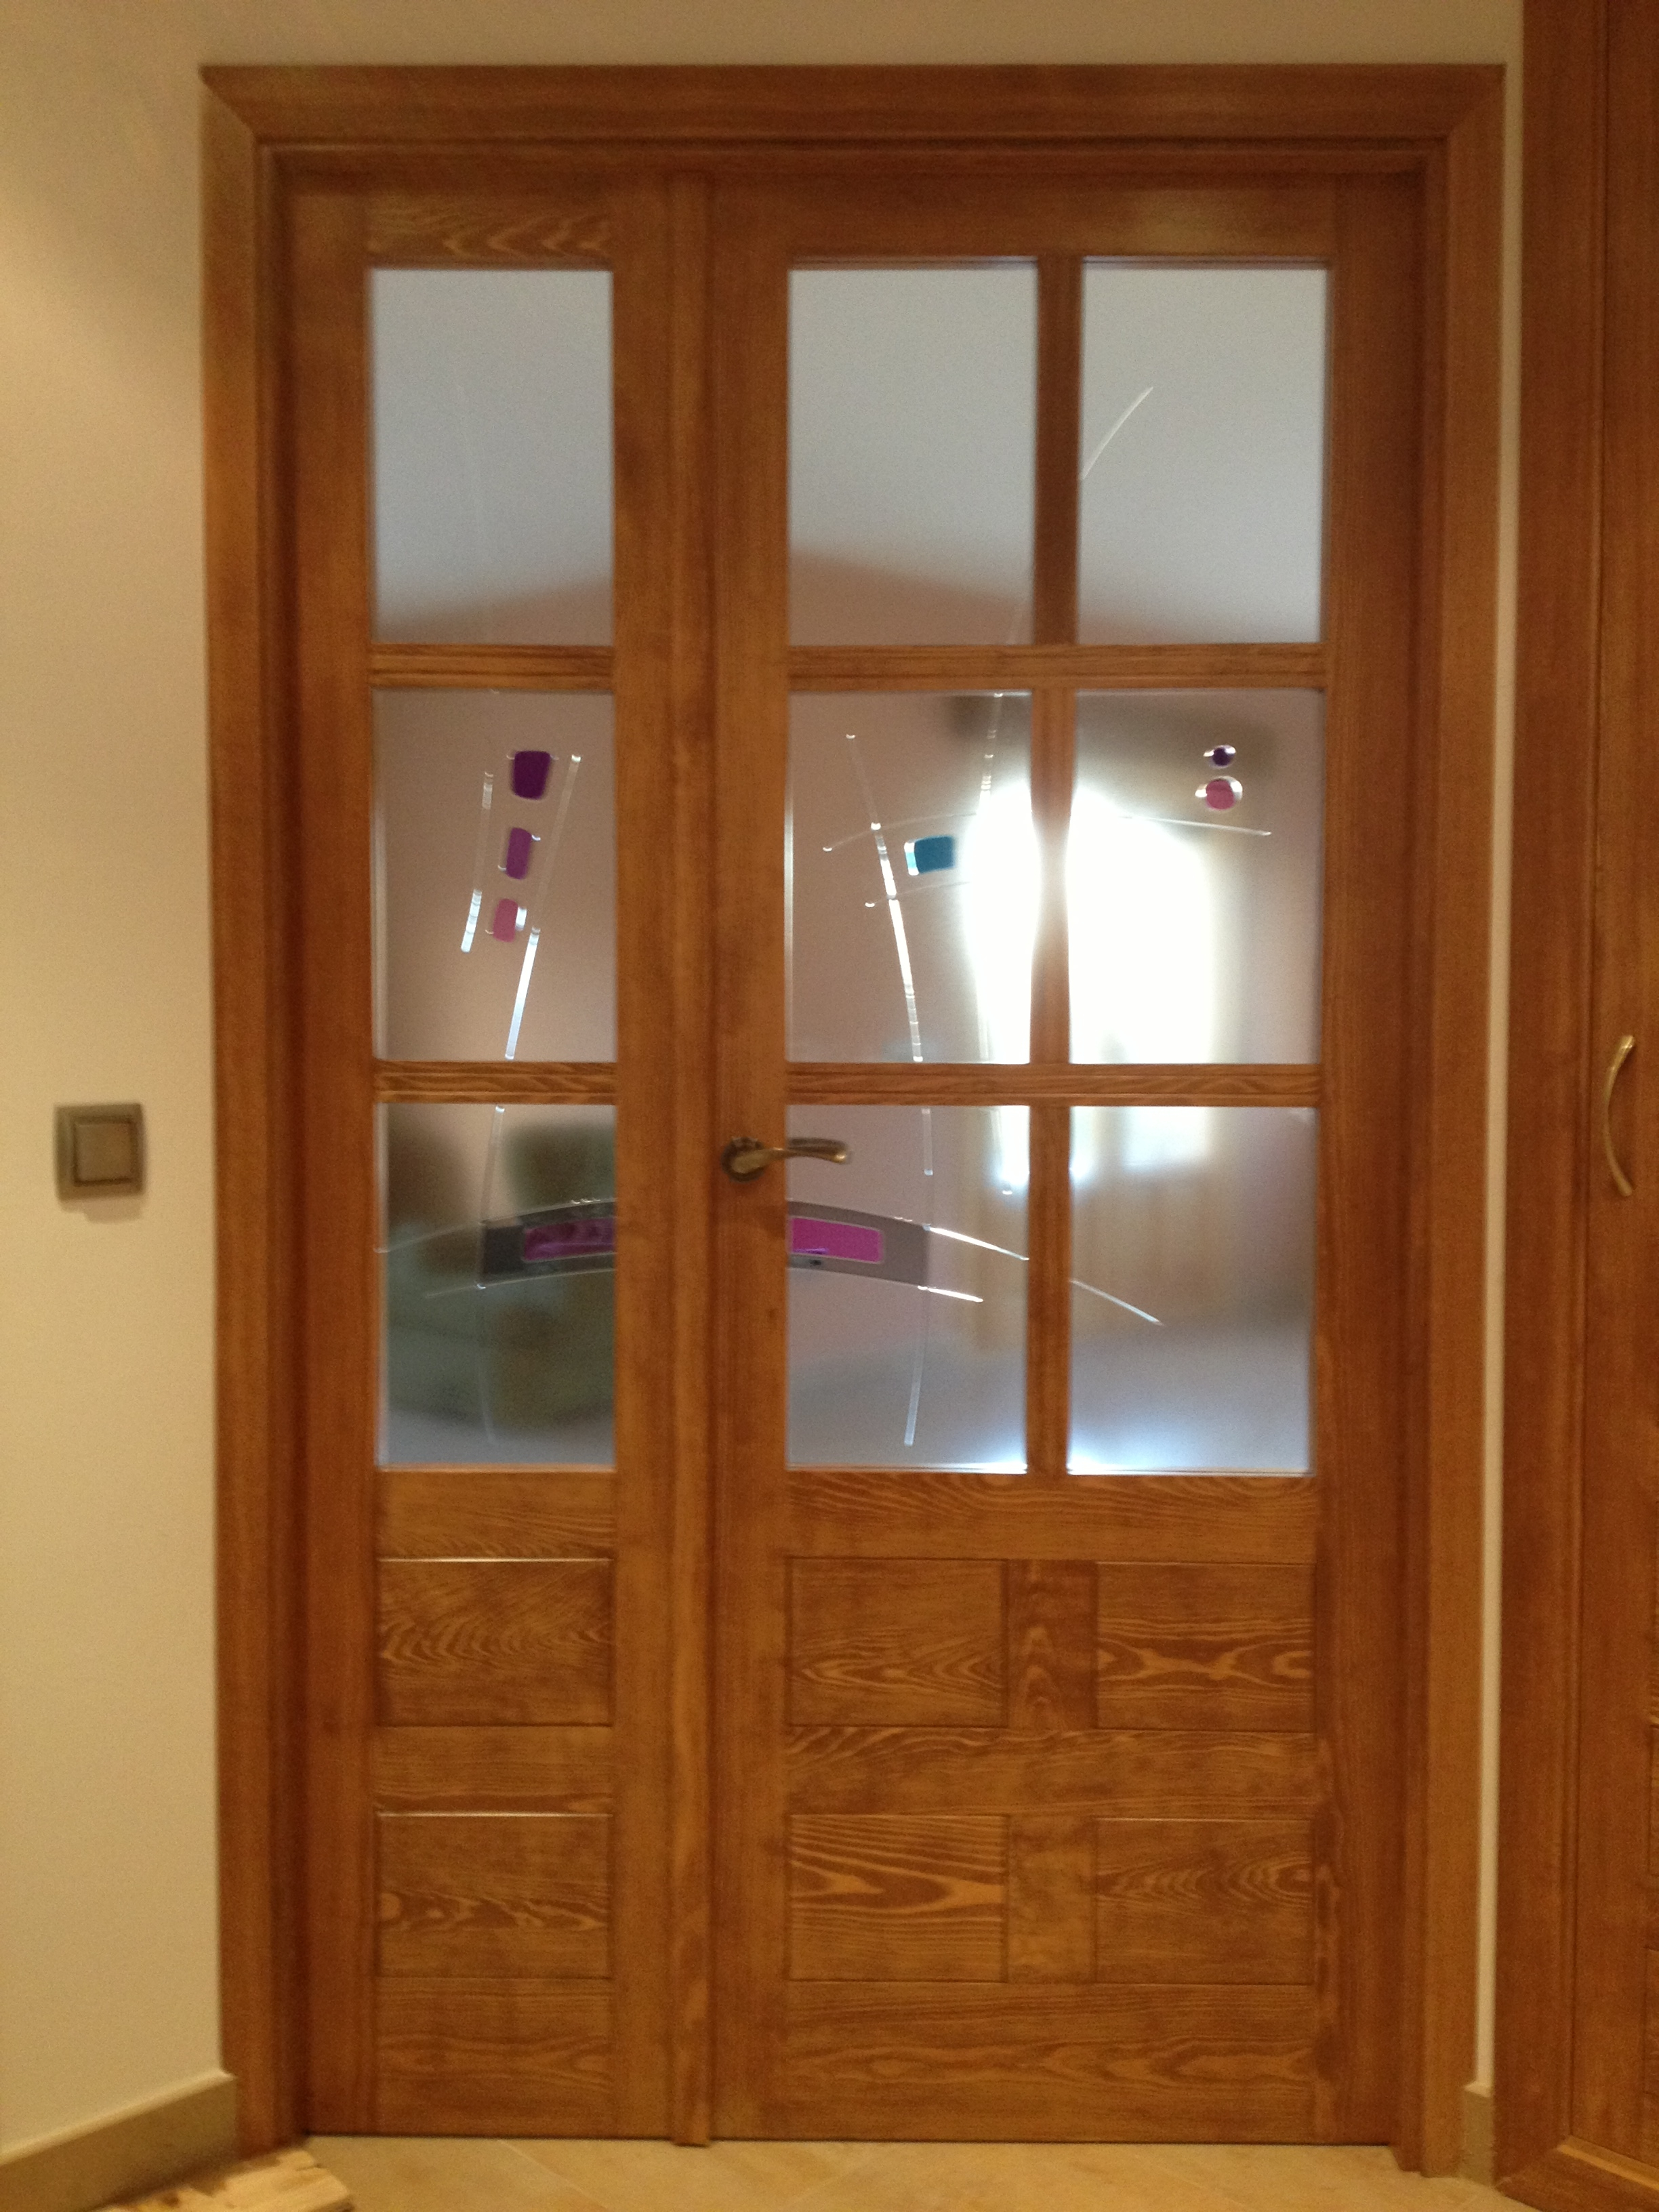 Cristales puertas interior materiales de construcci n - Puertas de interior con cristales ...